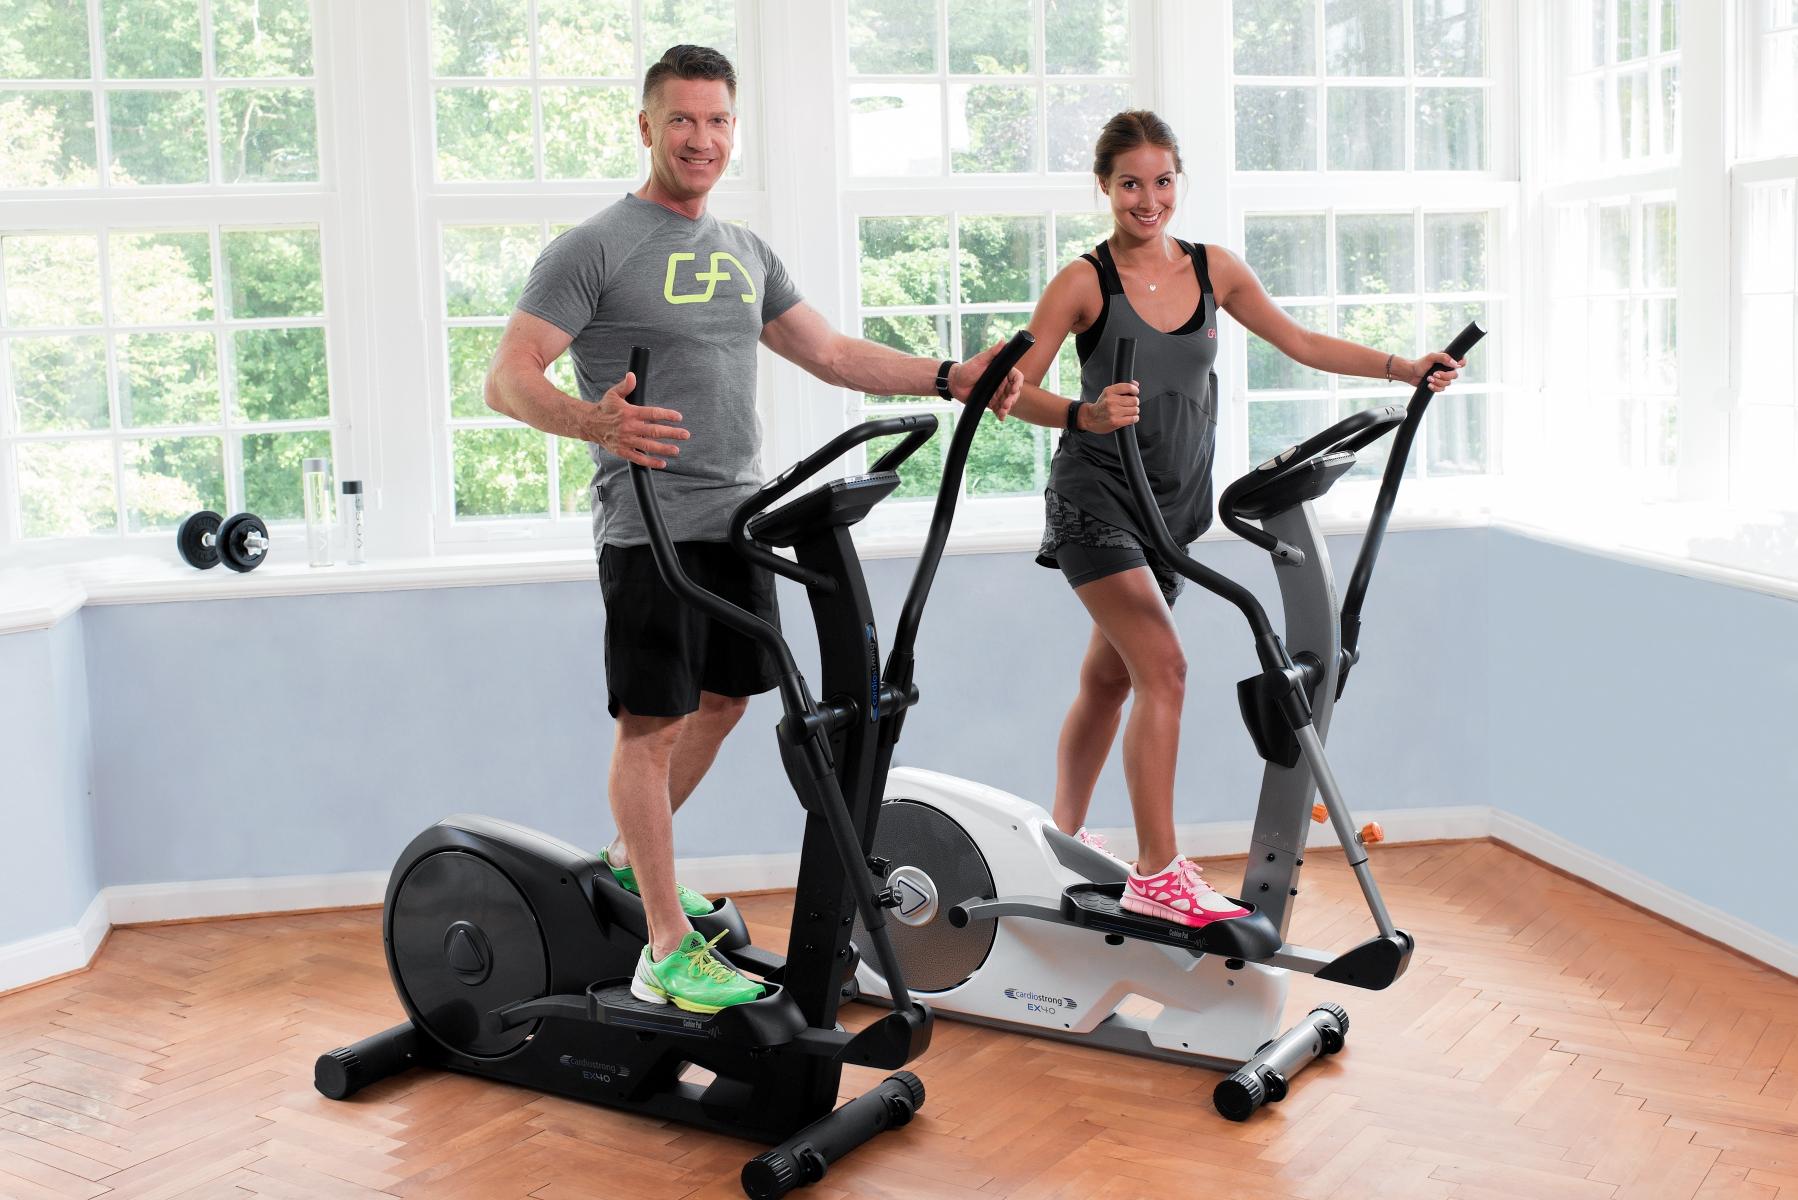 Vélo elliptique : les avantages de l'utiliser pour maigrir